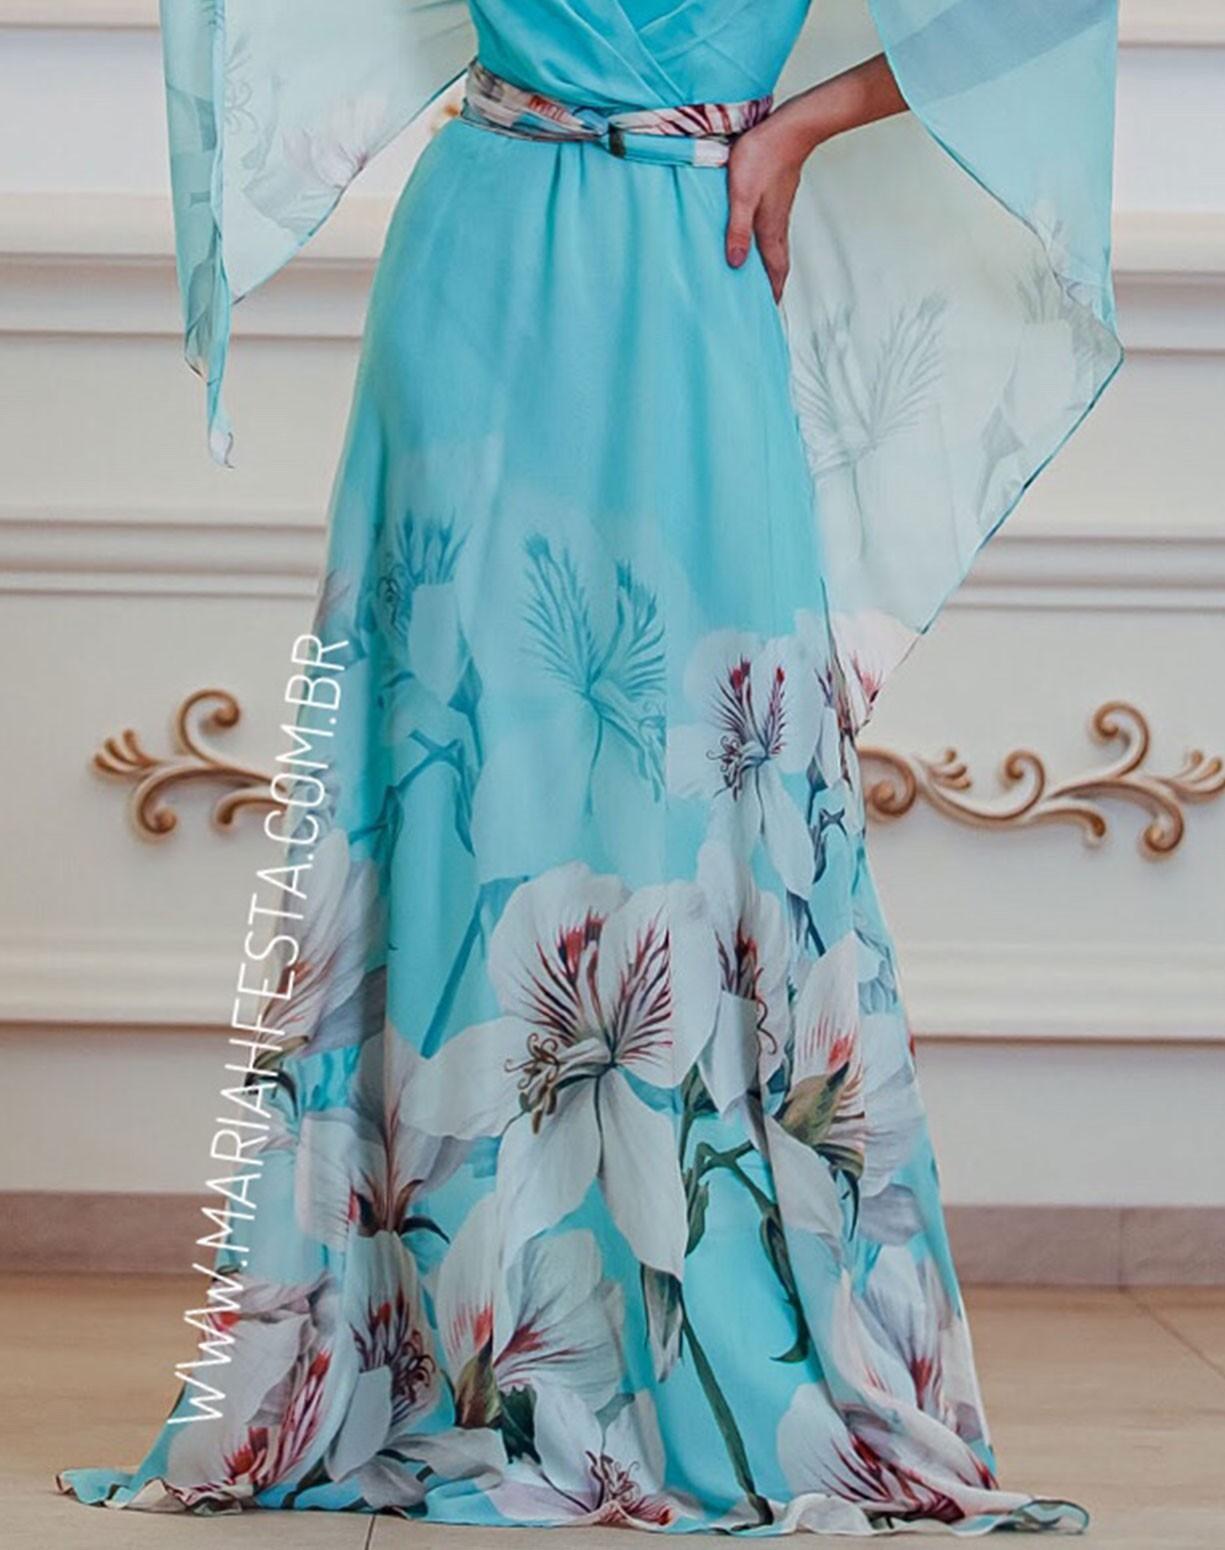 Vestido Tiffany Estampado com Manga Capa Voal